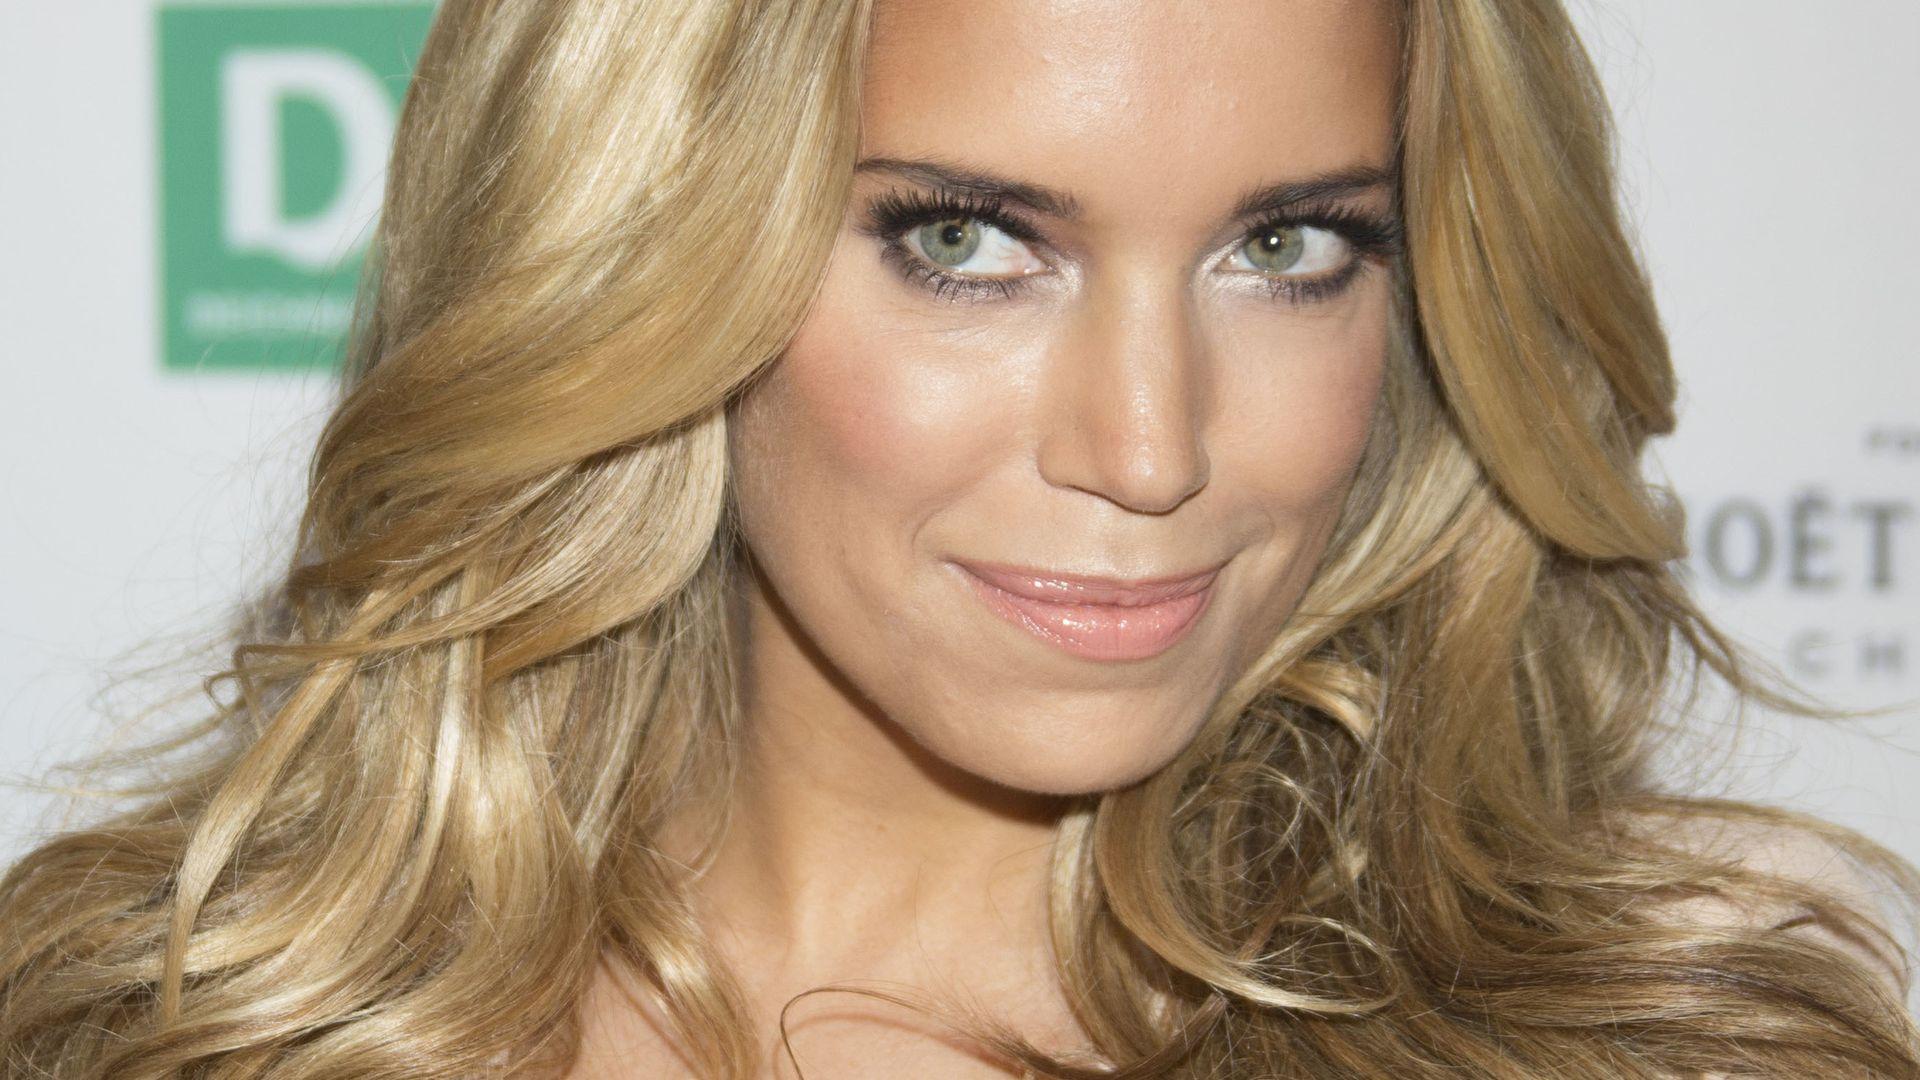 Sylvie van der vaart milf with you